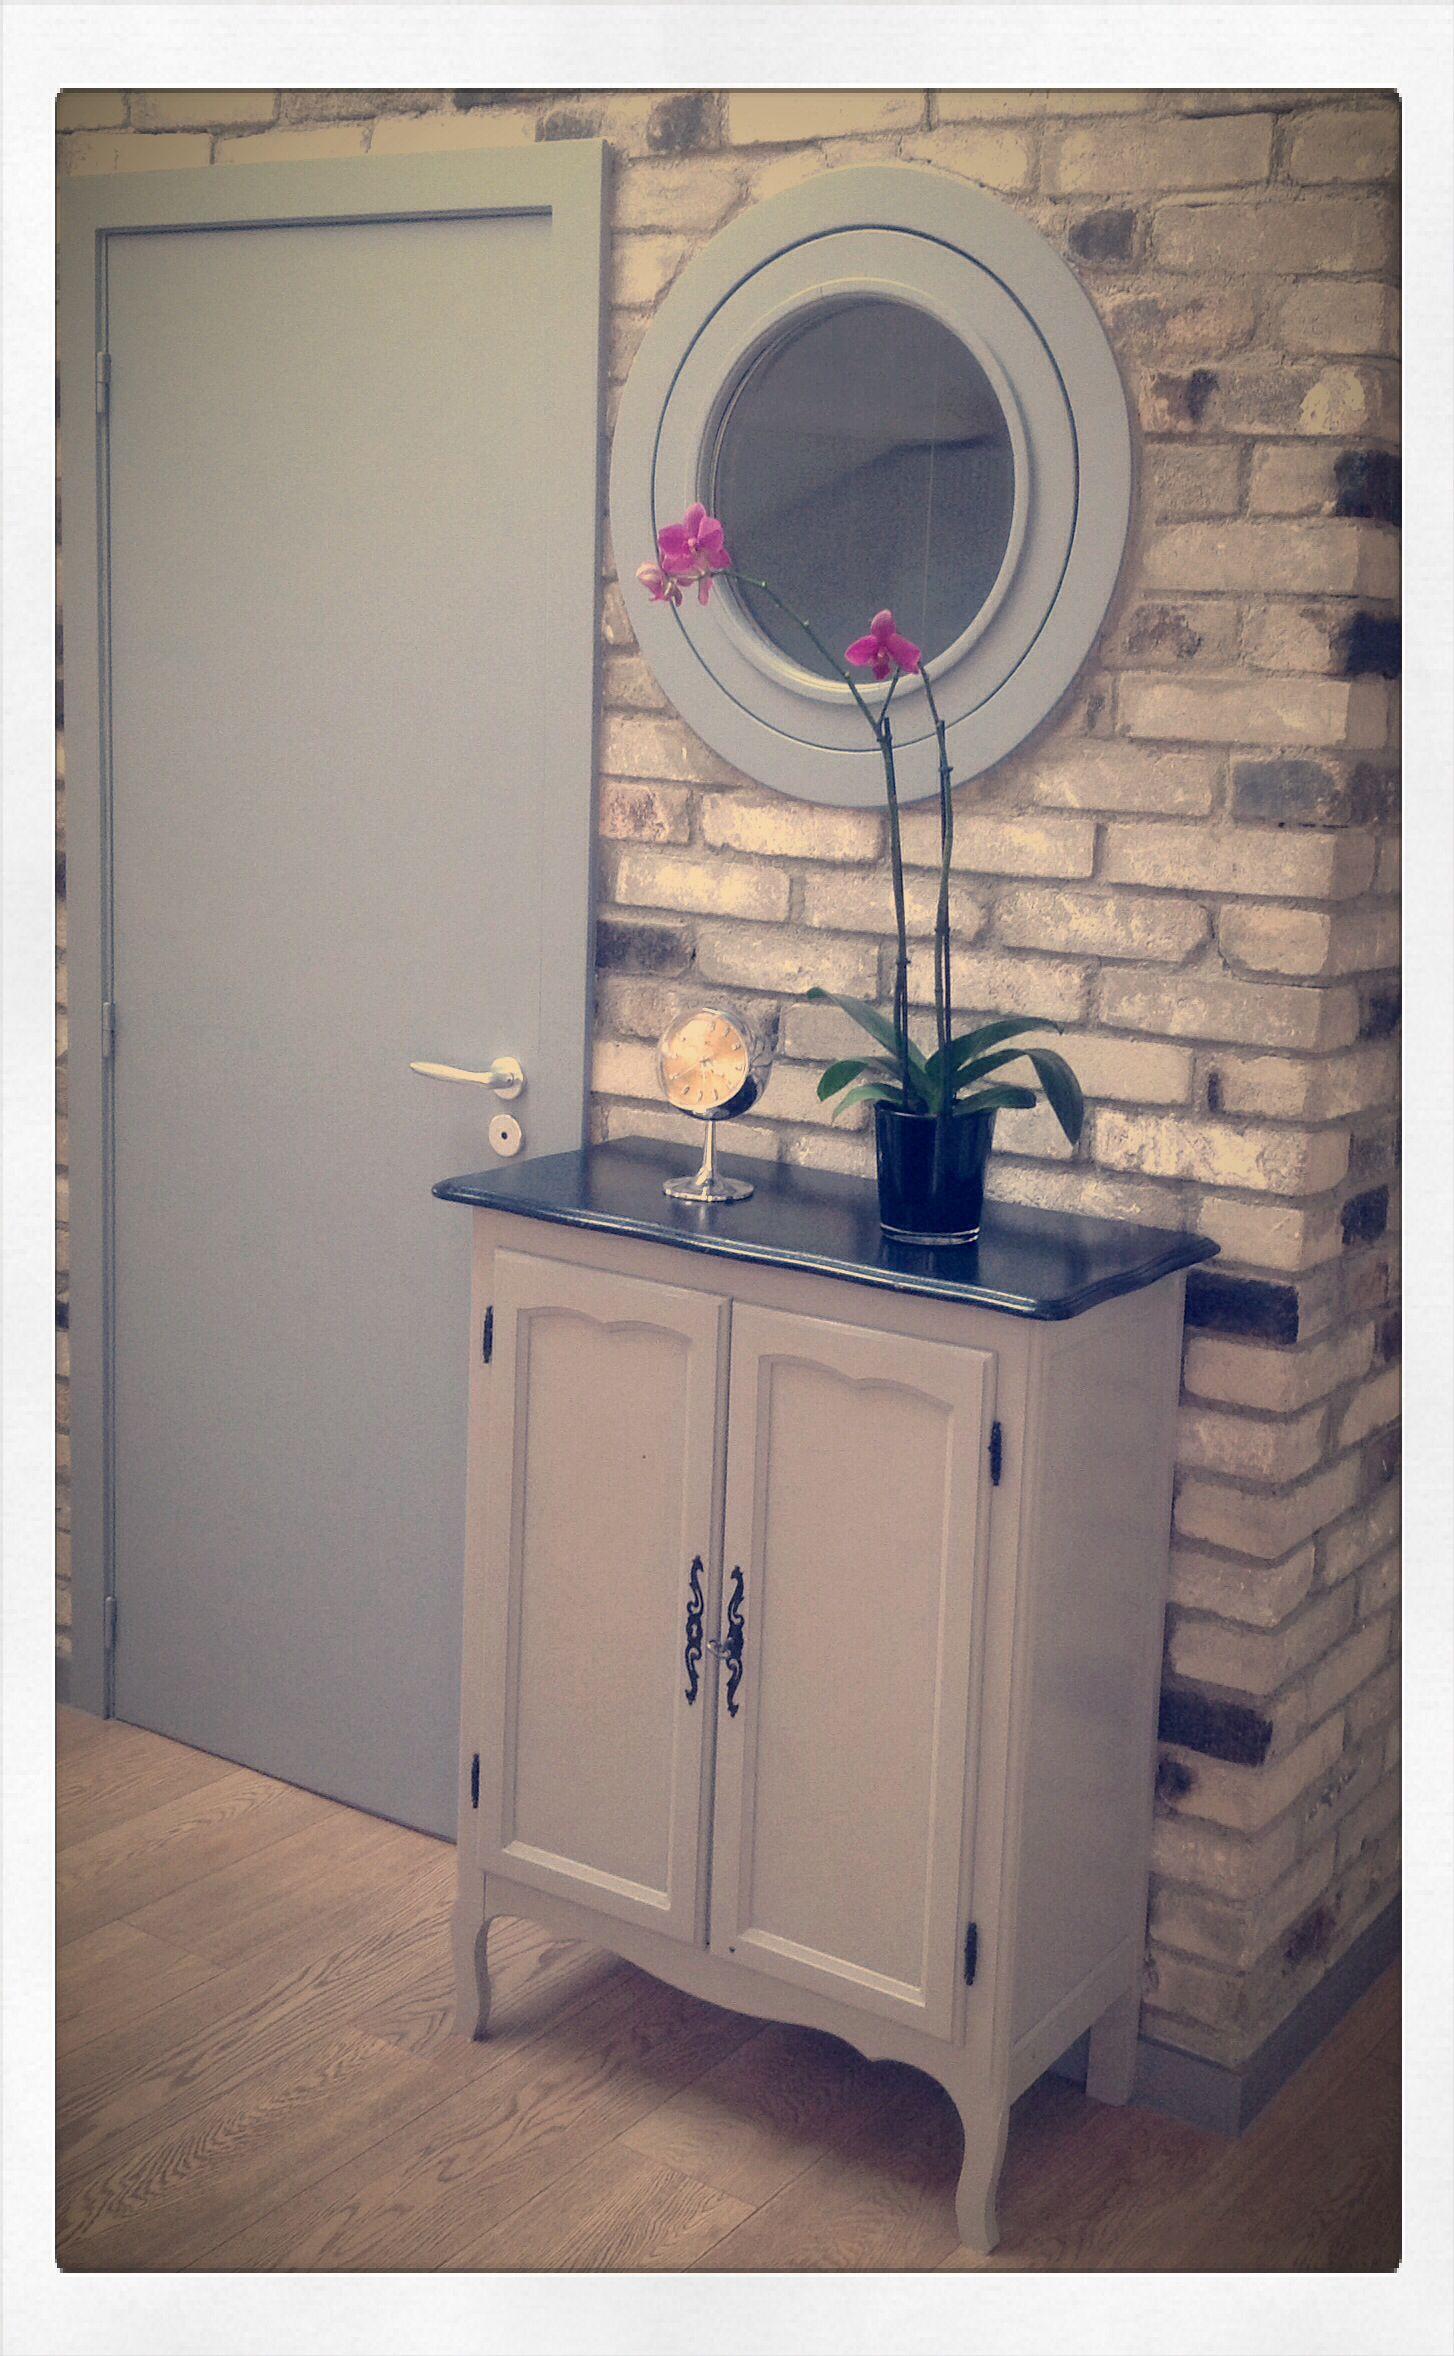 petit meuble d 39 entr e mur de briques couleur gr ge de. Black Bedroom Furniture Sets. Home Design Ideas